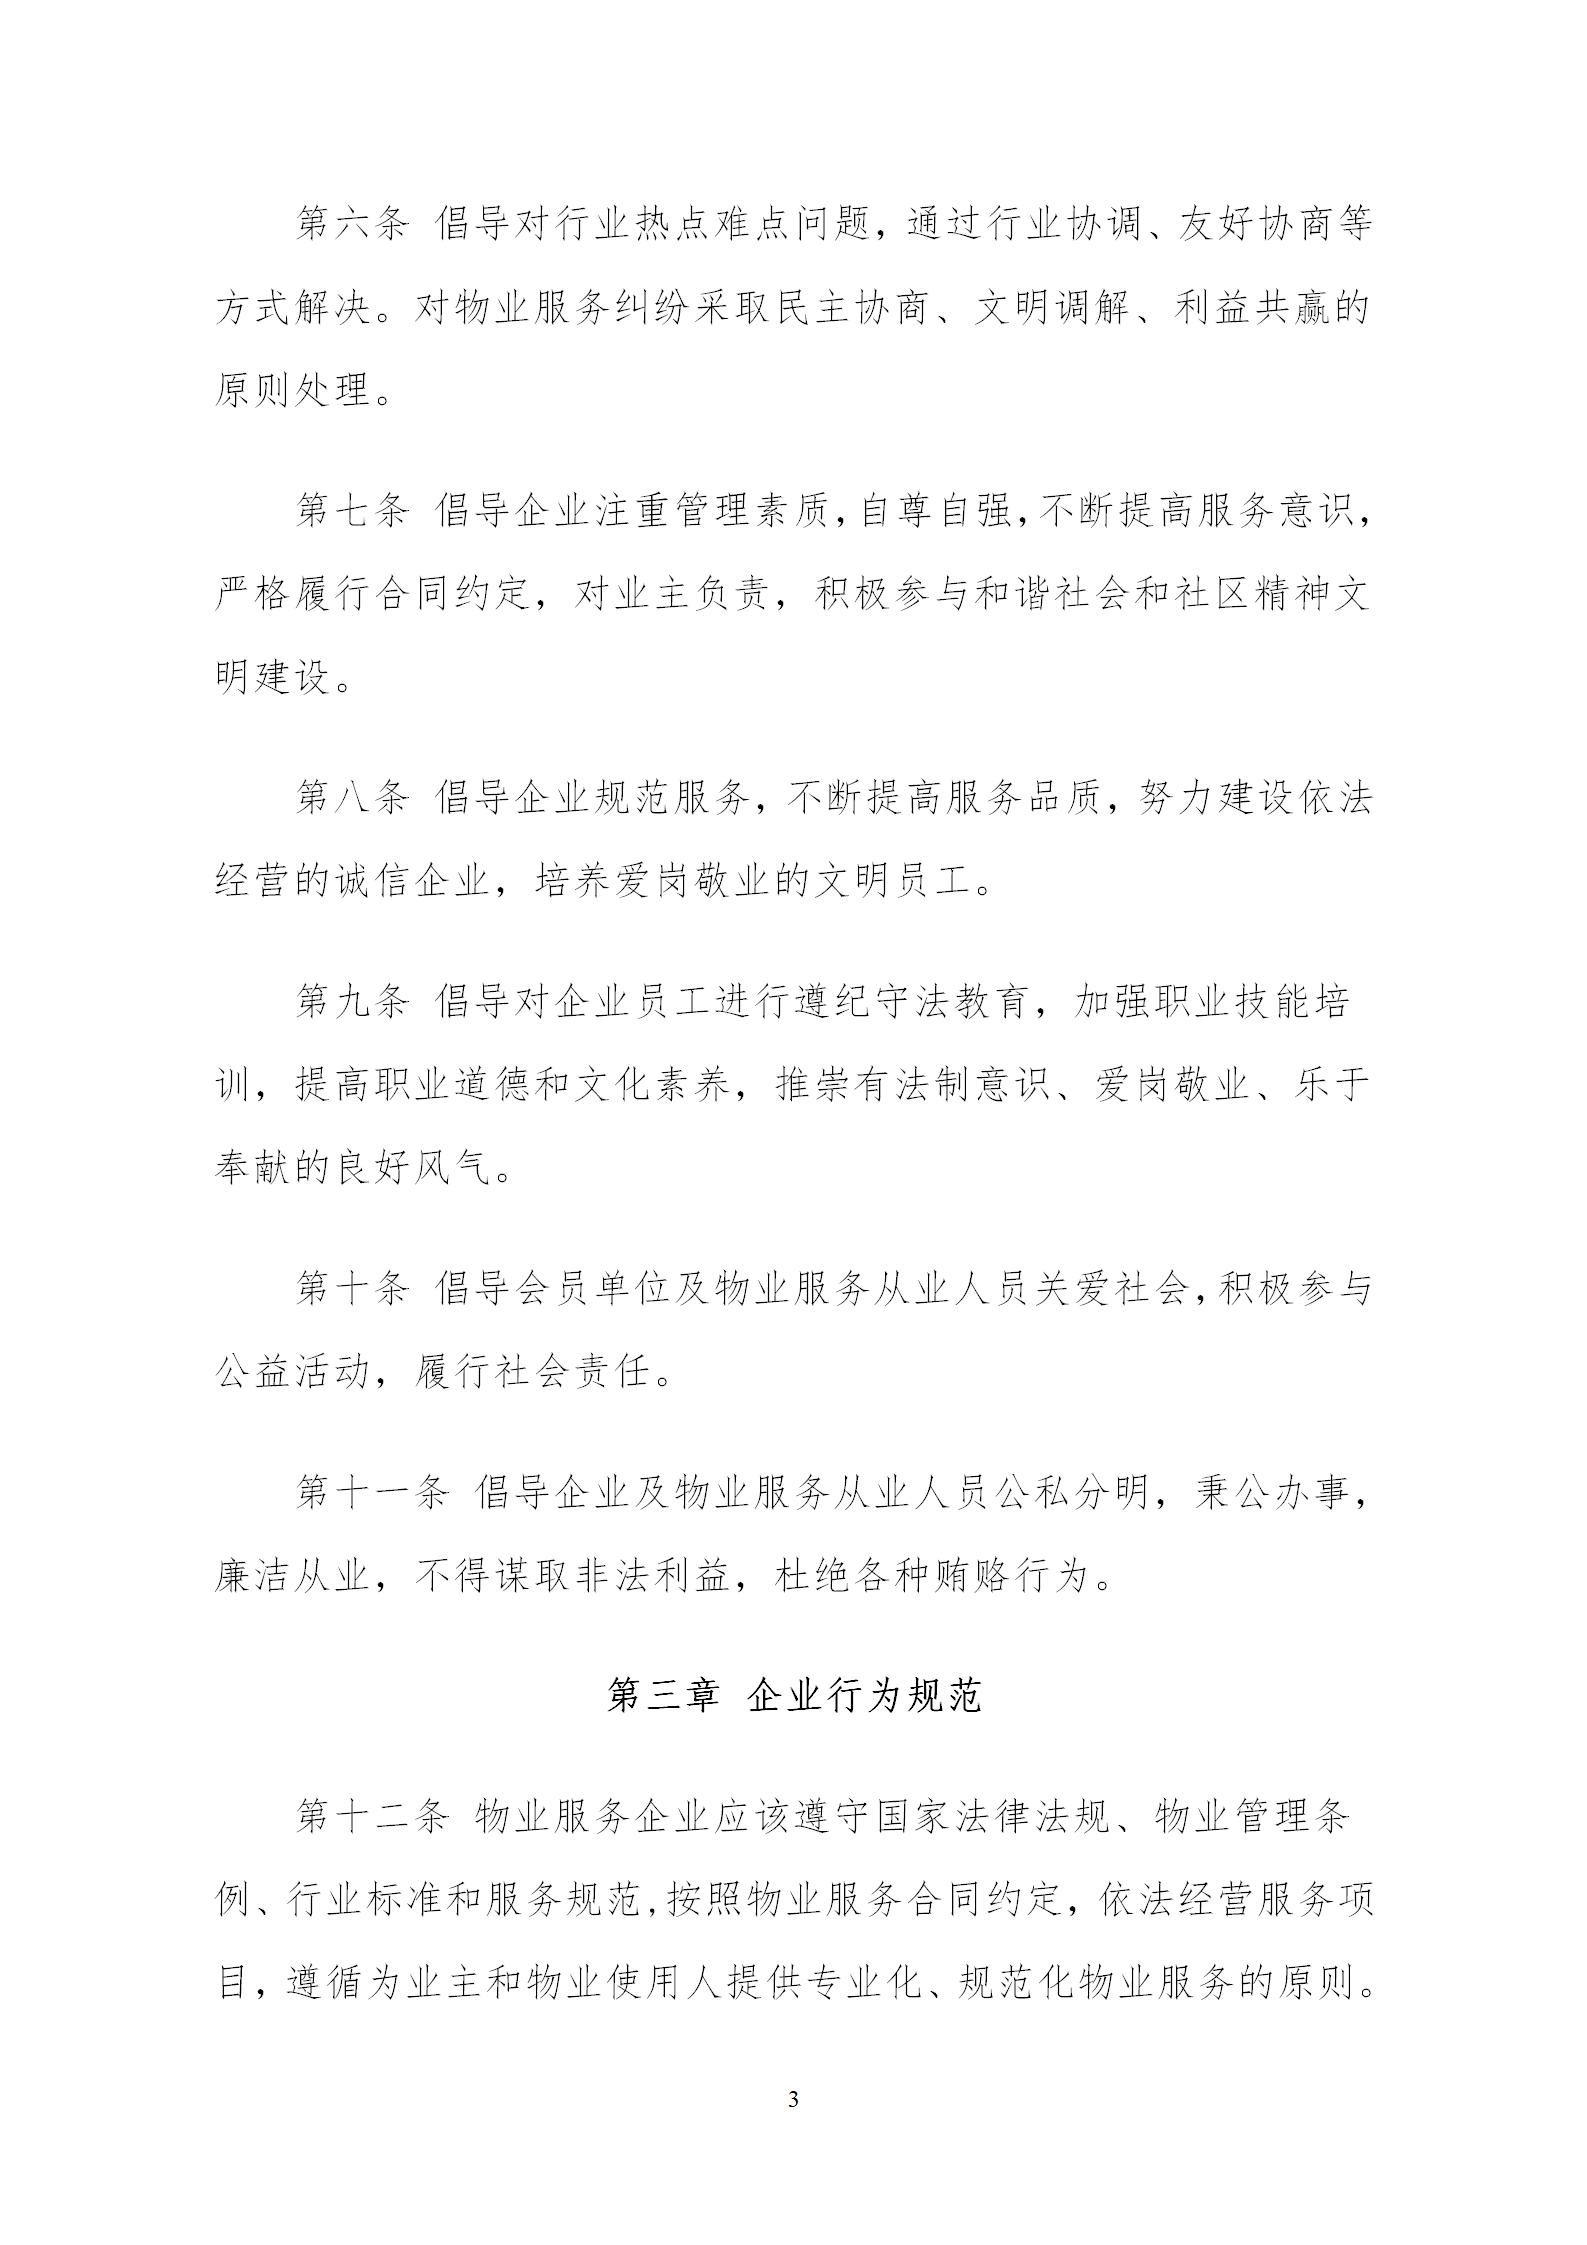 洪物协字[2020]20号关于贯彻落实《南昌市物业管理行业规范》的通知_03.png